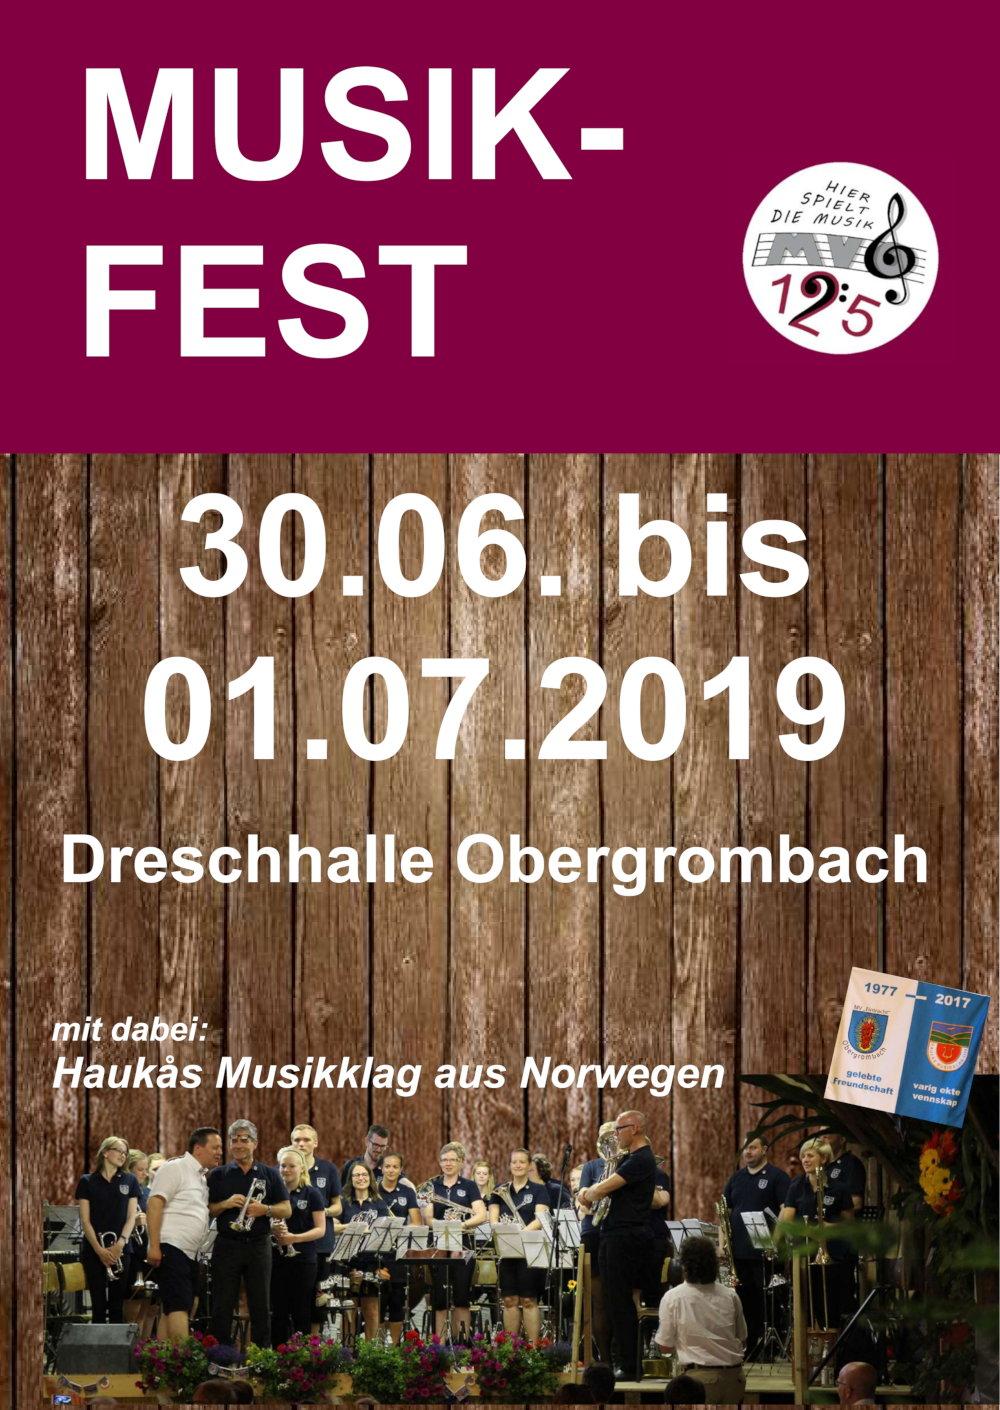 Plakat zum Musikfest 2019